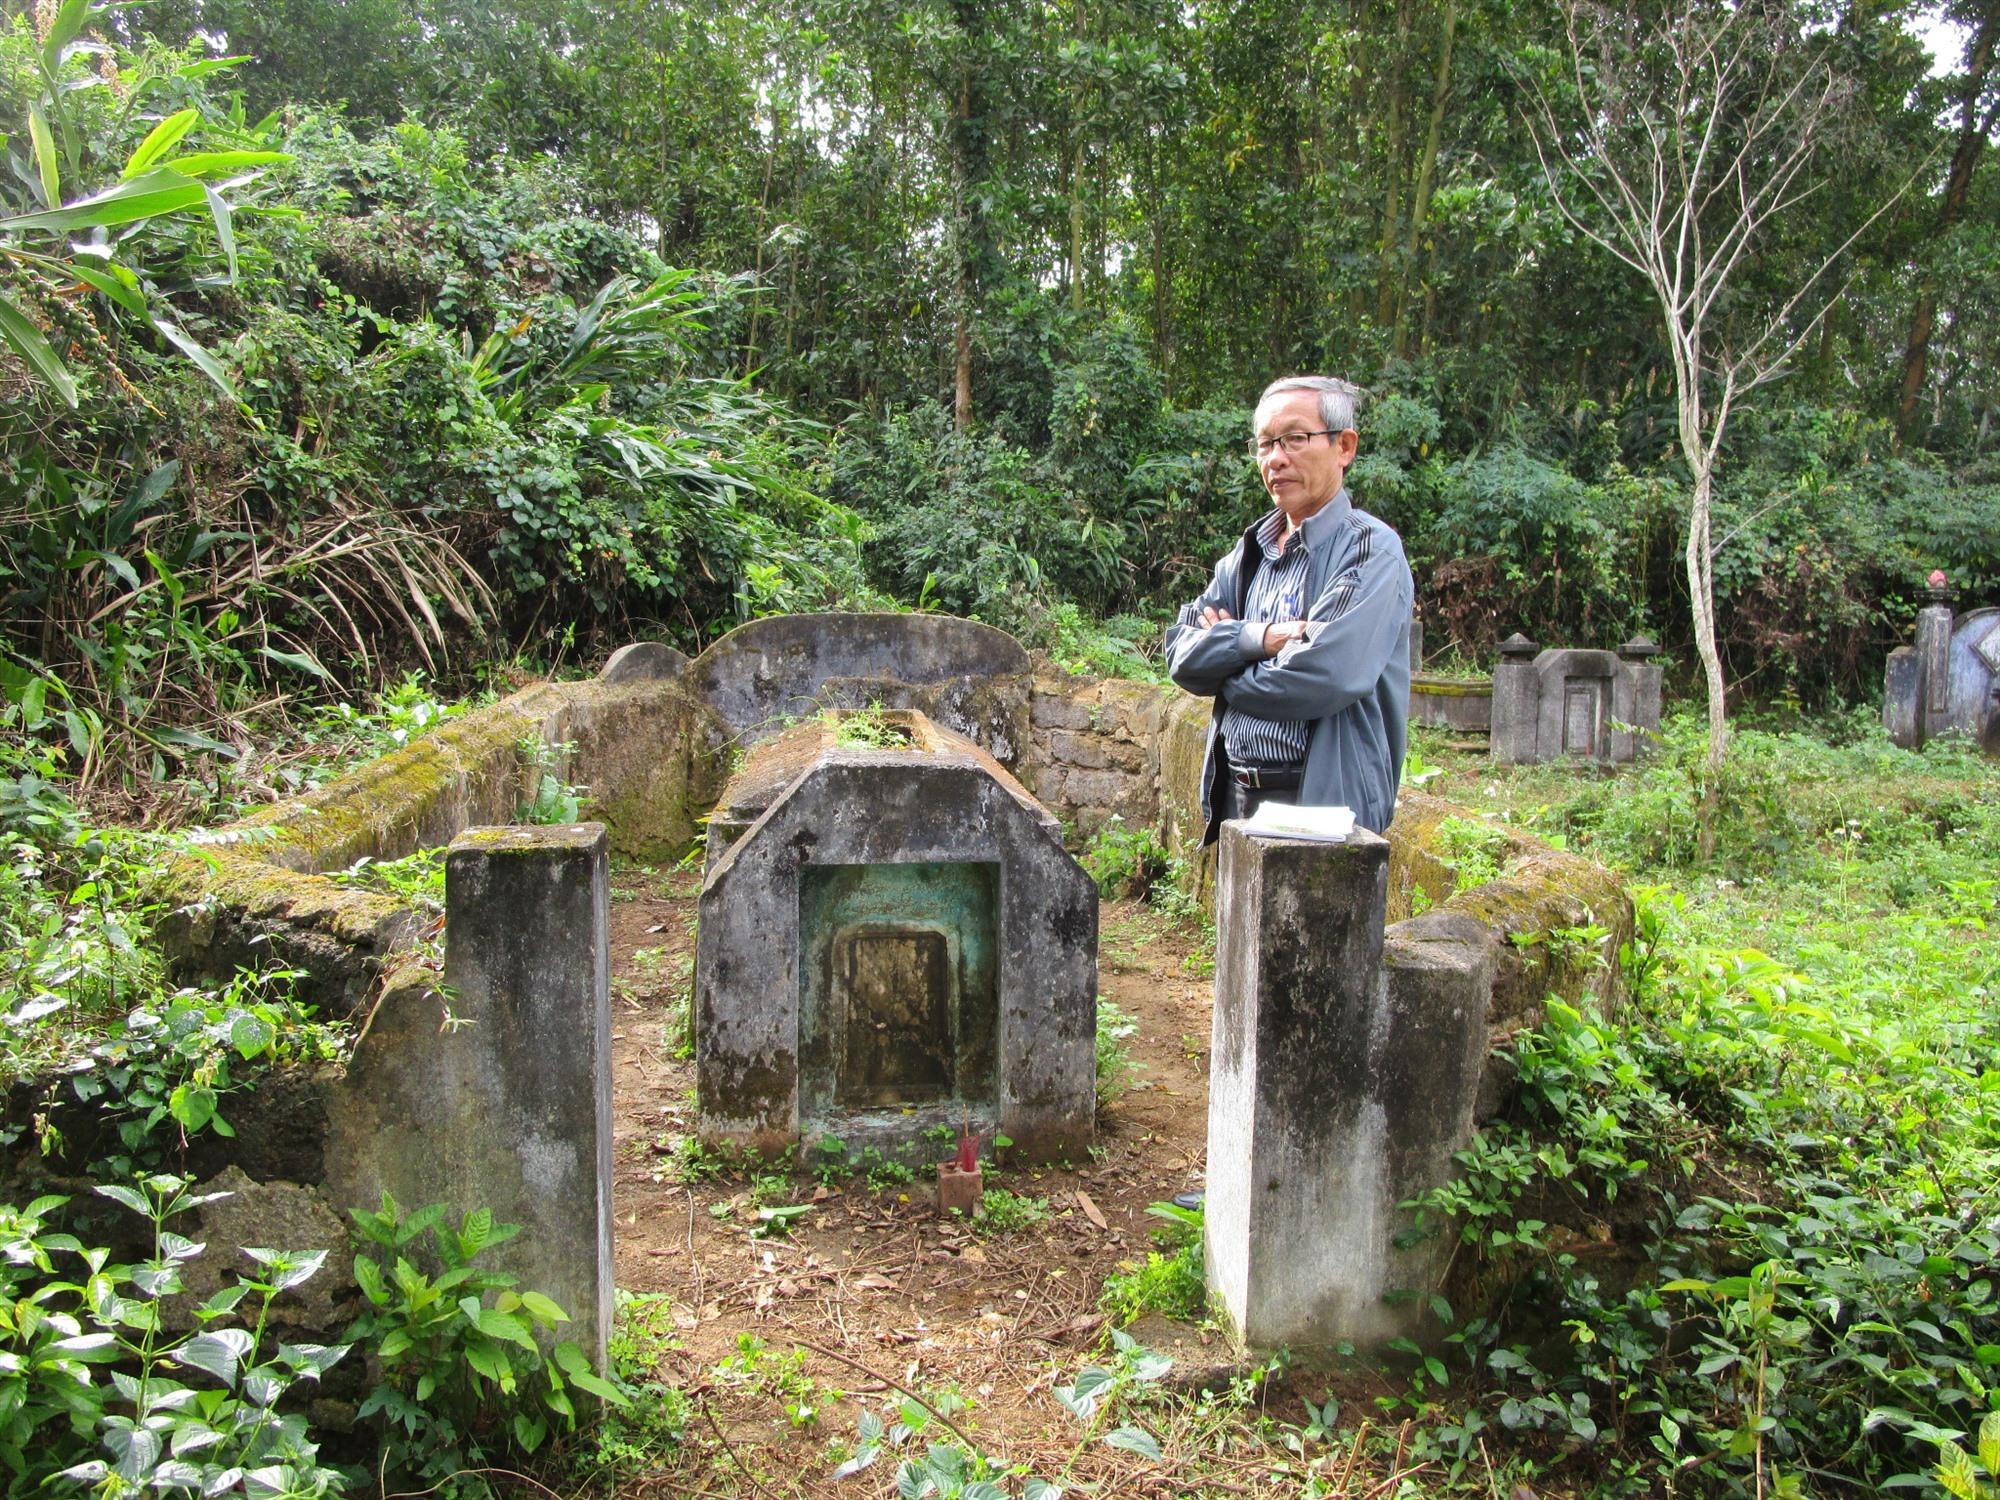 Thầy giáo hưu trí Hồ Nhật Tiến bên mộ ông tam khoa tú tài Hồ Phổ. Ảnh: PHÚ BÌNH